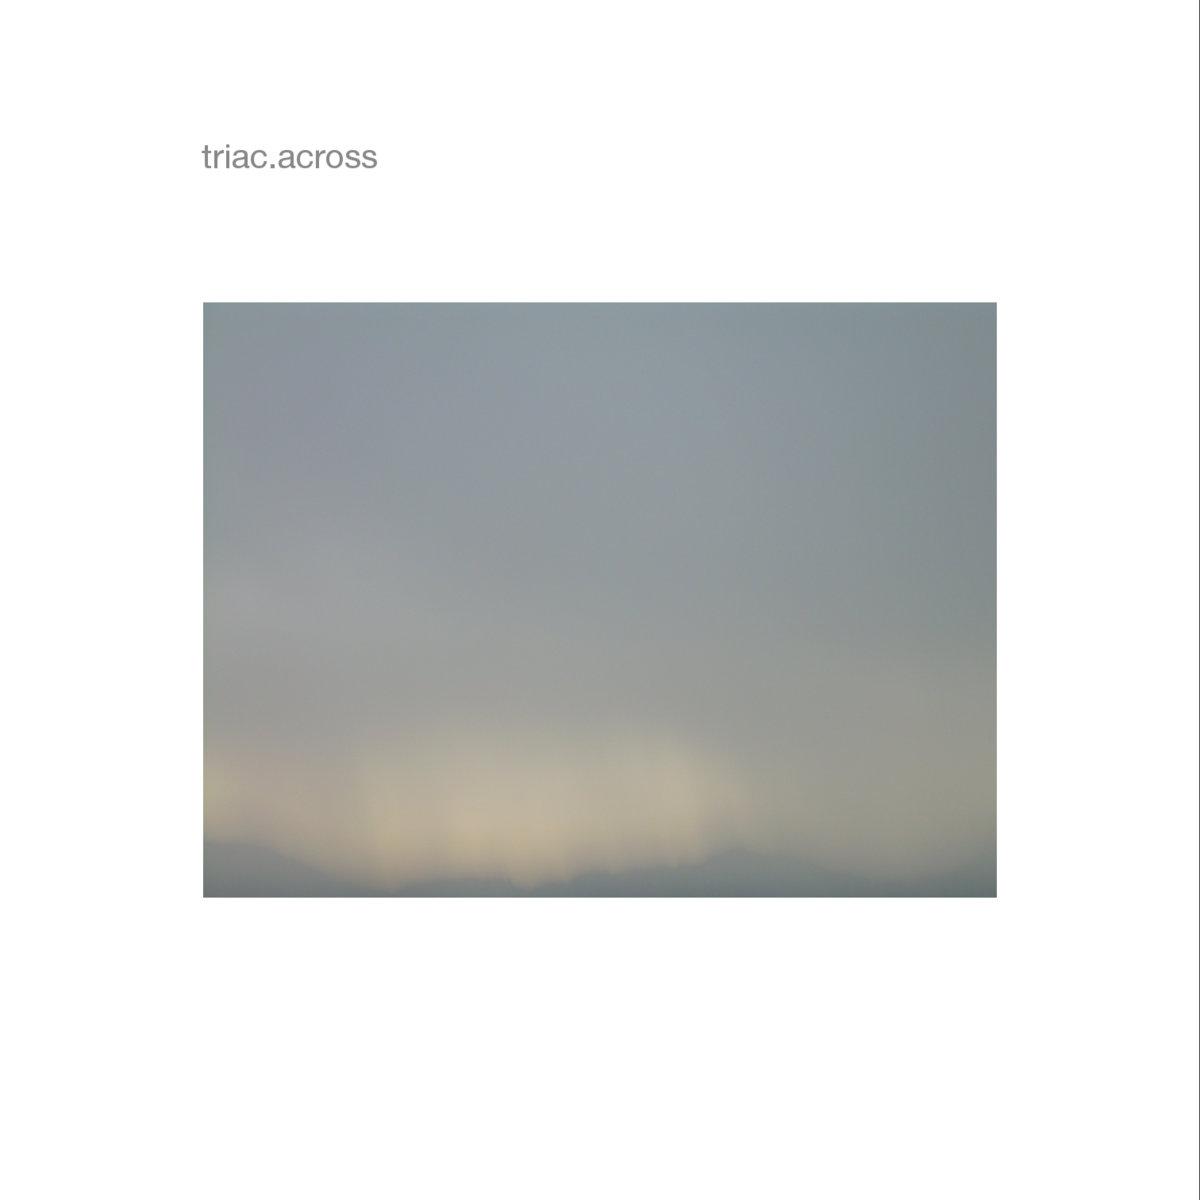 Across Polar Seas Recordings Triacswitchbb By Triac